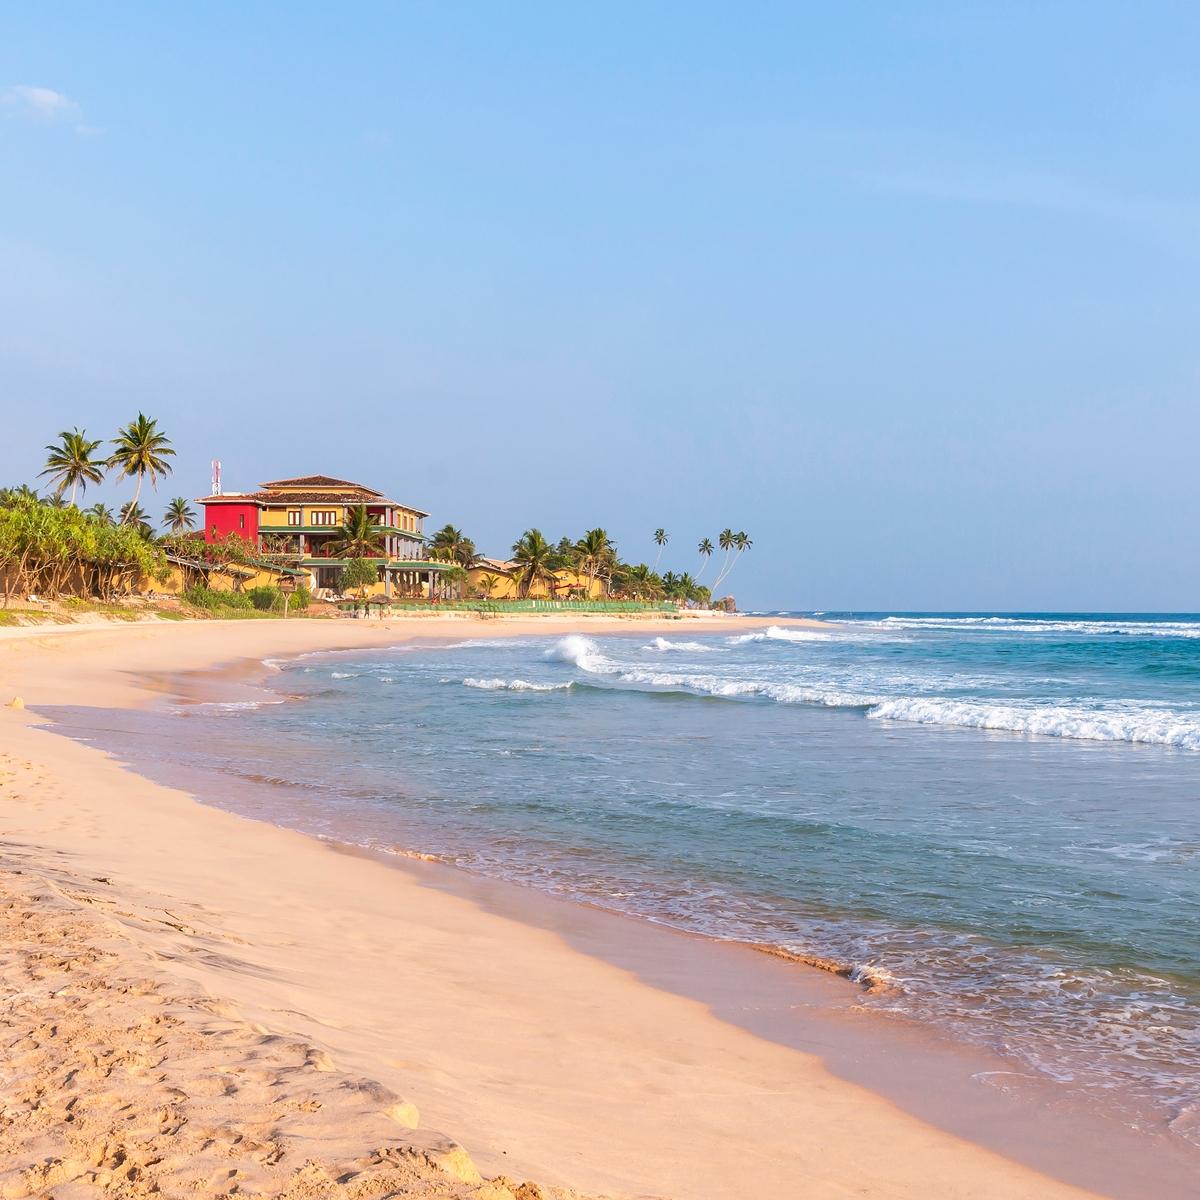 Die schönsten Yoga-Reiseziele weltweit: Yapahuwa & Koggala, Sri Lanka